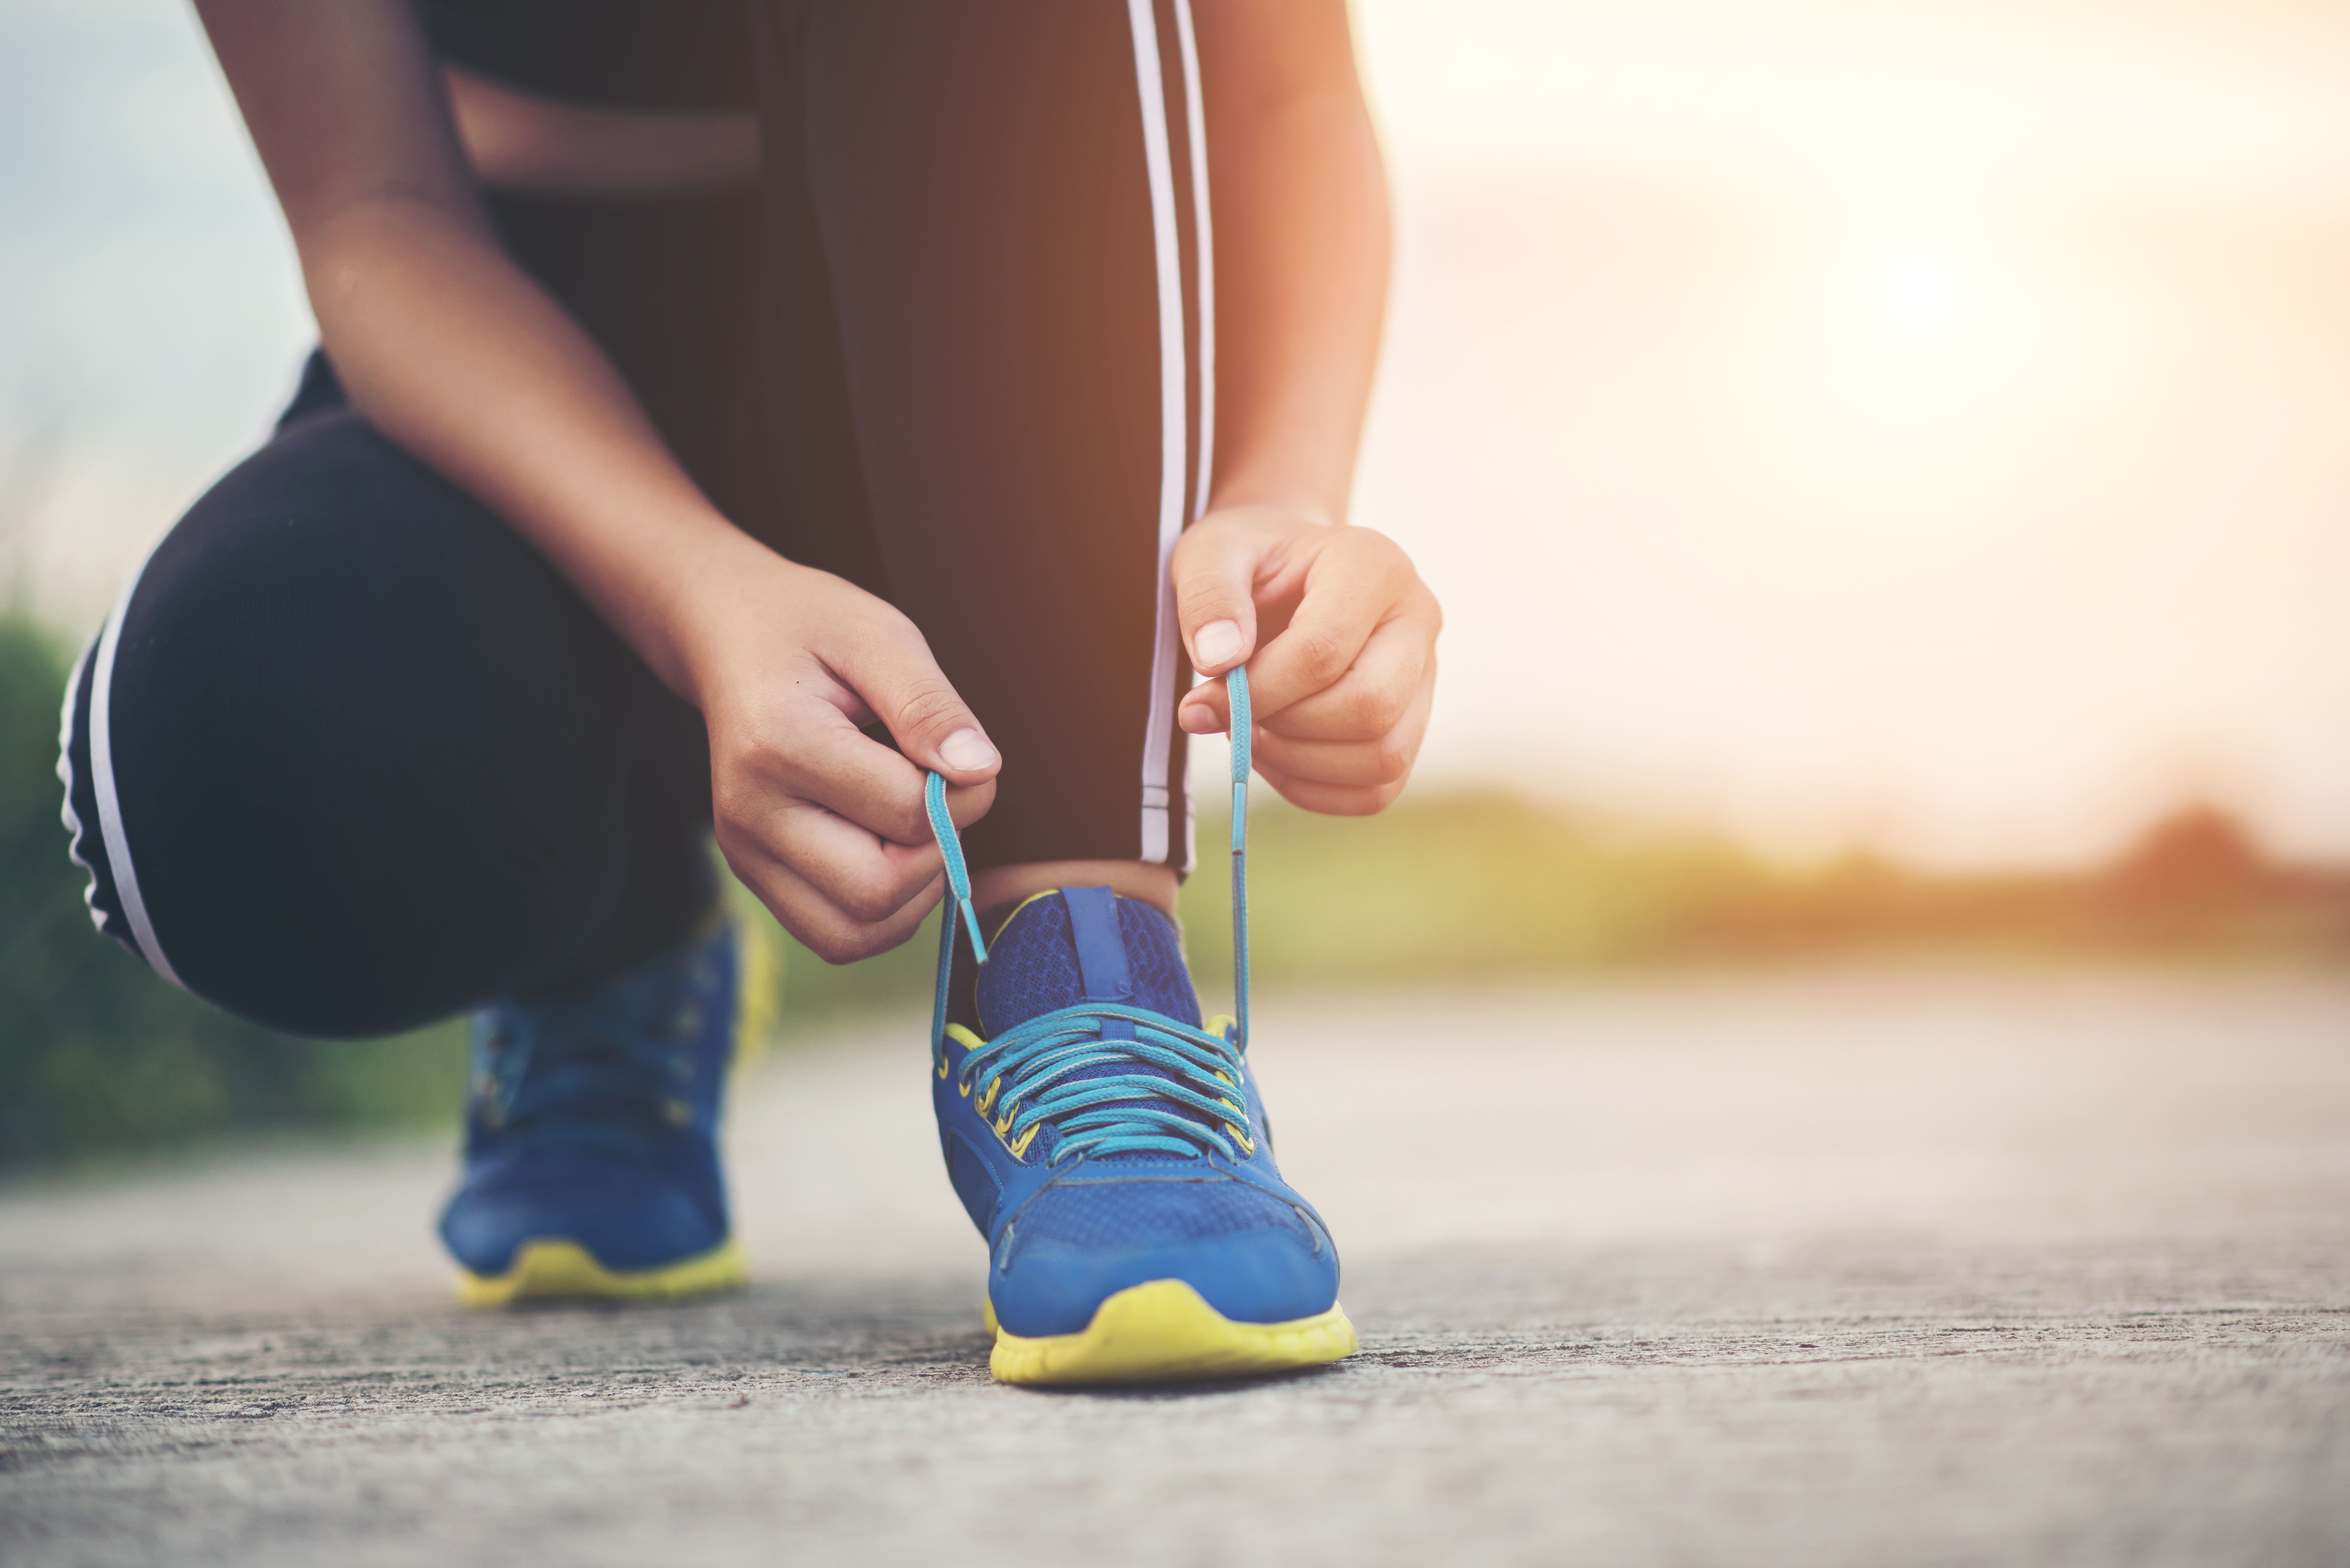 Cinco hábitos saludables que te ayudarán a proteger tus articulaciones